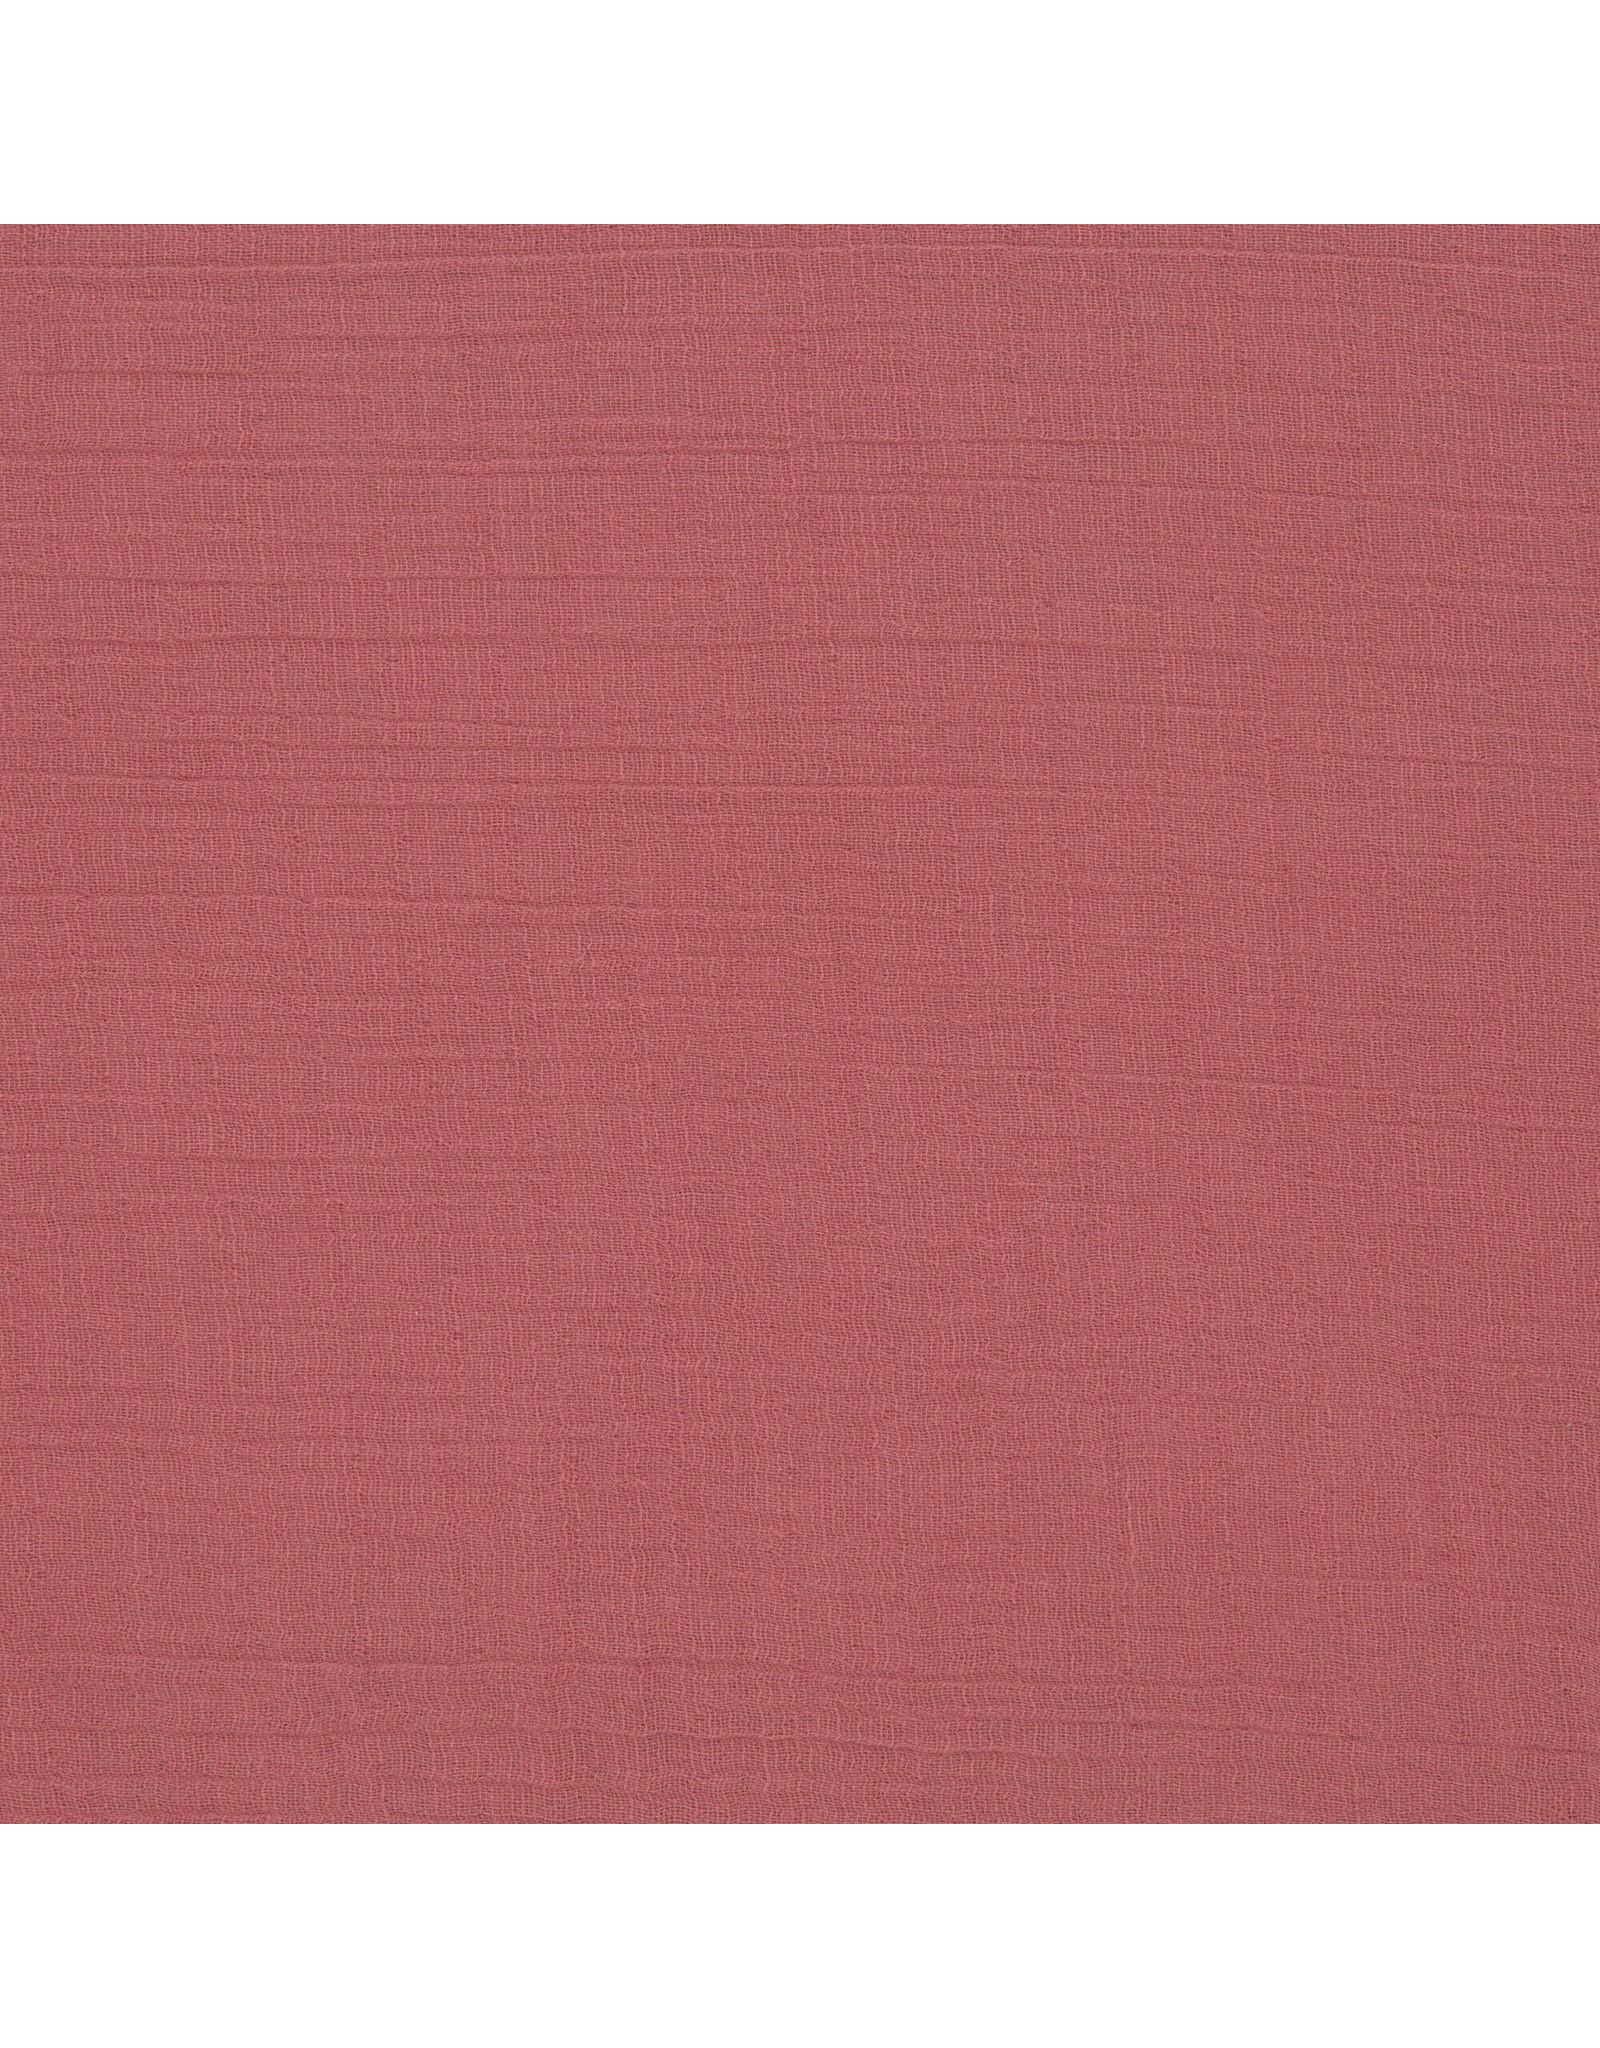 Lassig Lassig Seat Cushion Muslin ø 100 cm Red